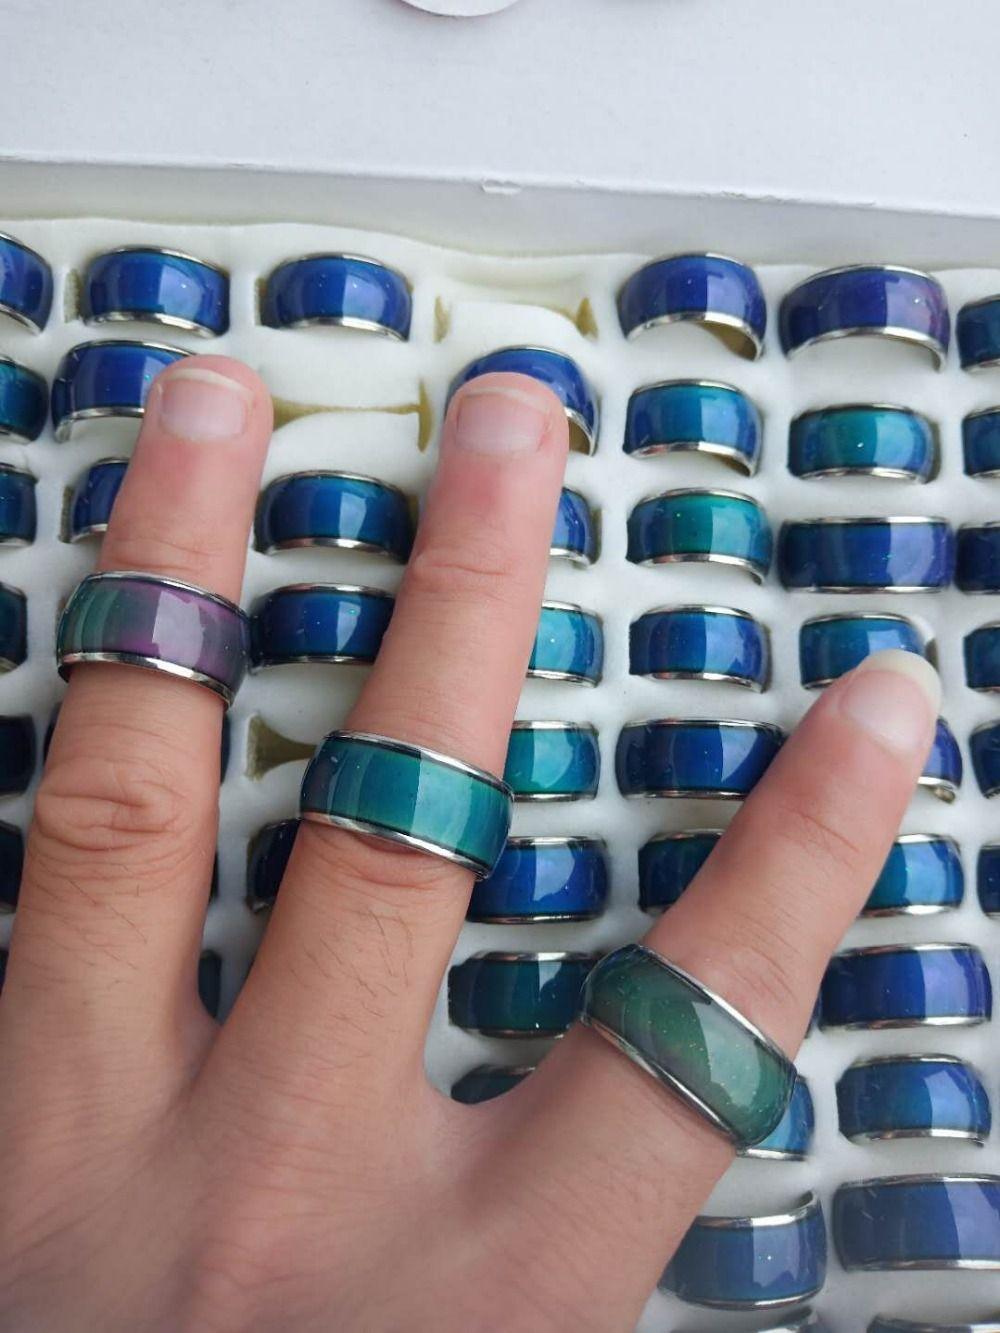 anillo de humor anillo de acero inoxidable de 10 mm de ancho anillo de cambio de color, tamaño de mezcla 17 a 21